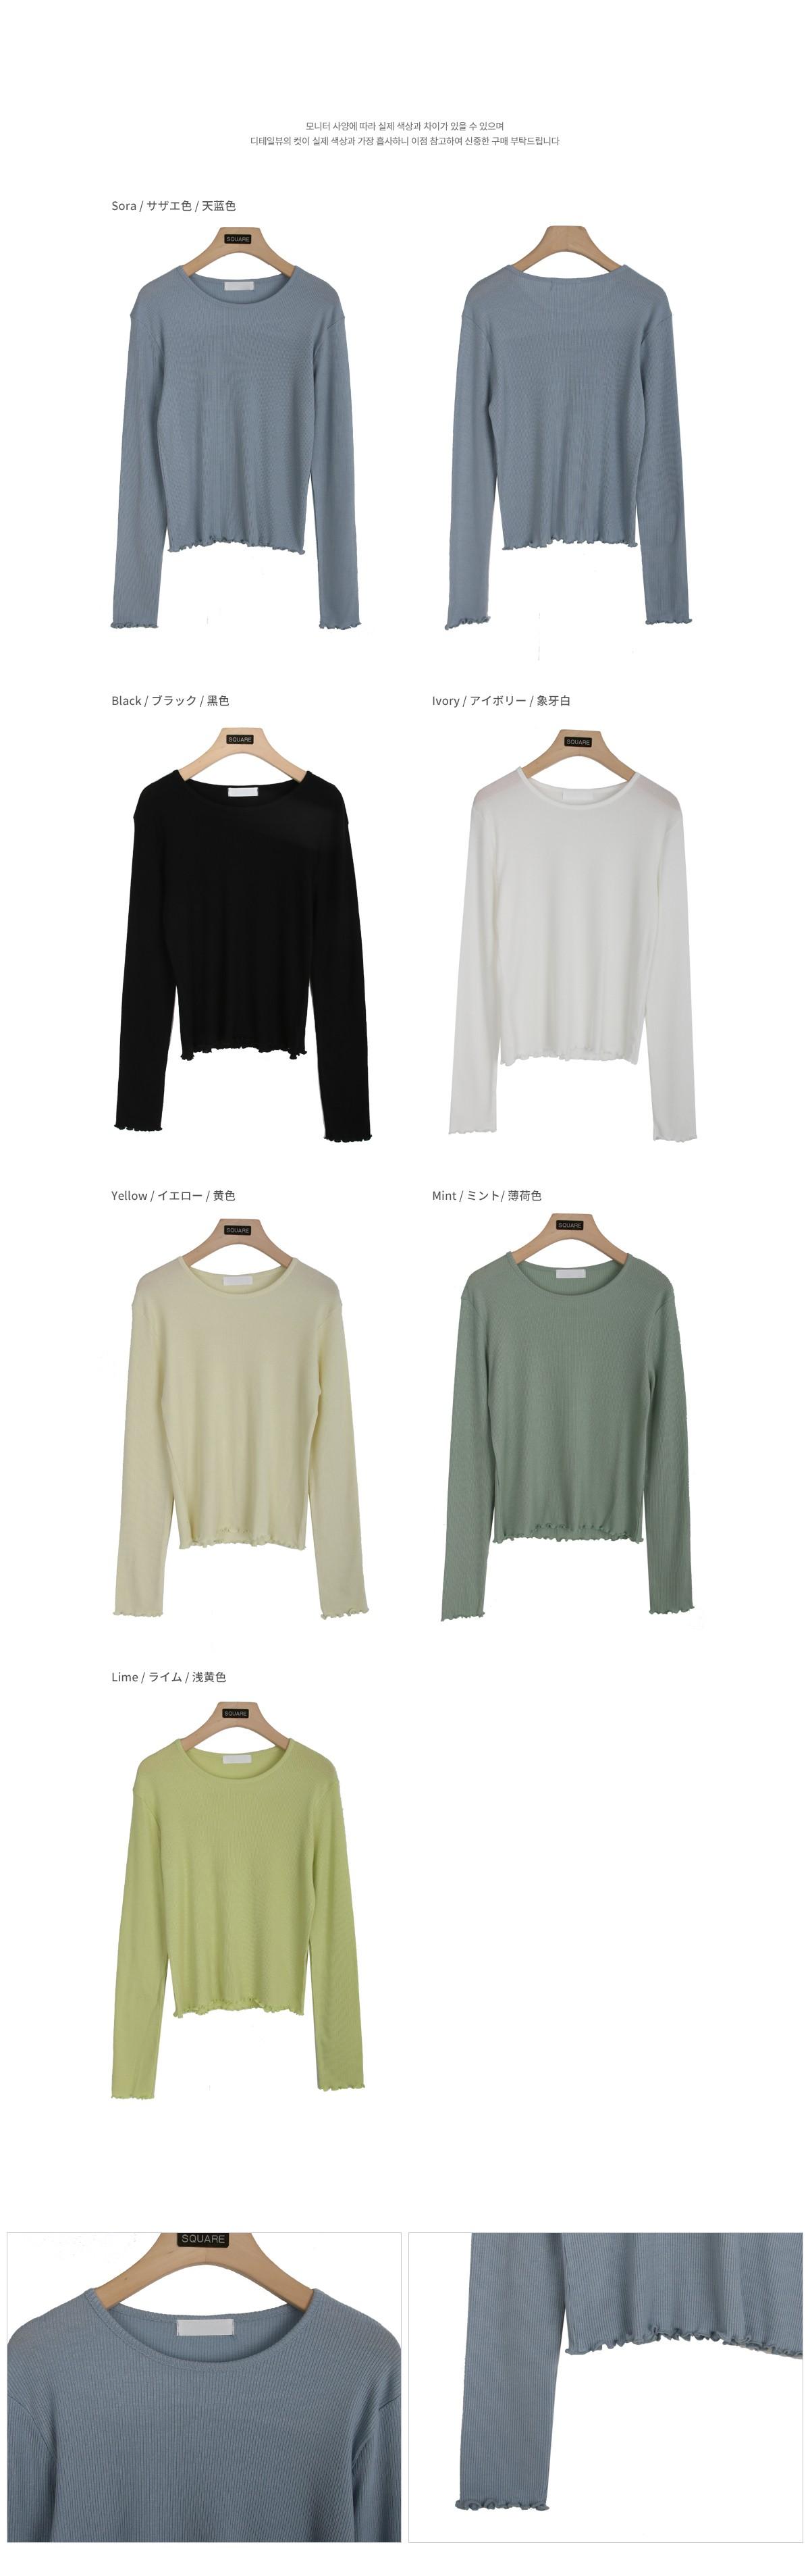 4/30일까지 10%할인 플라워 크롭 티셔츠 (6color)